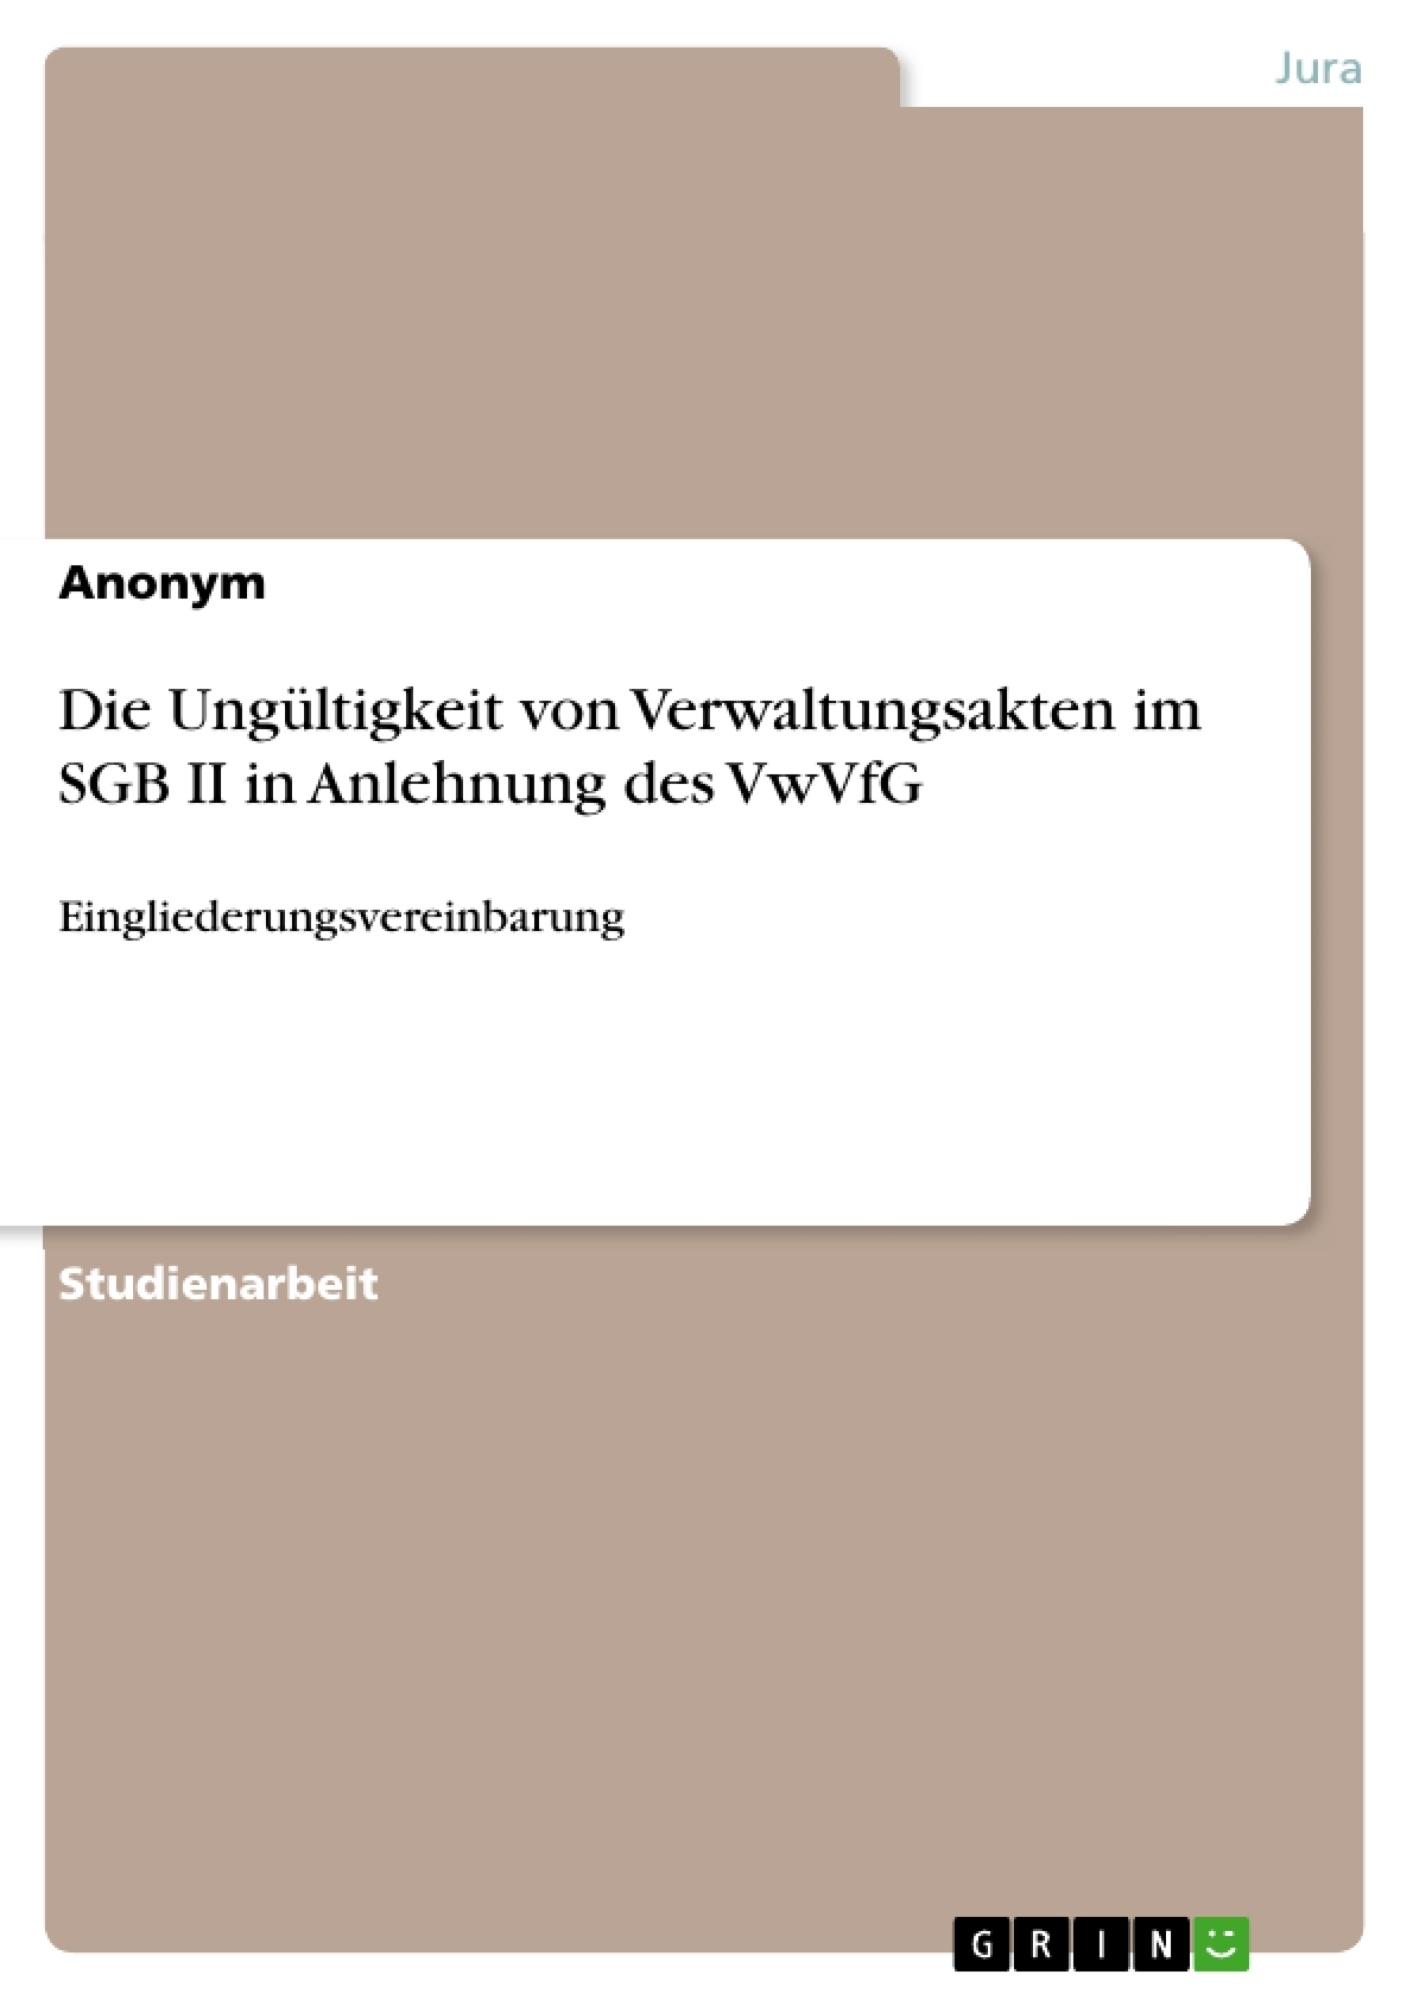 Titel: Die Ungültigkeit von Verwaltungsakten im SGB II in Anlehnung des VwVfG